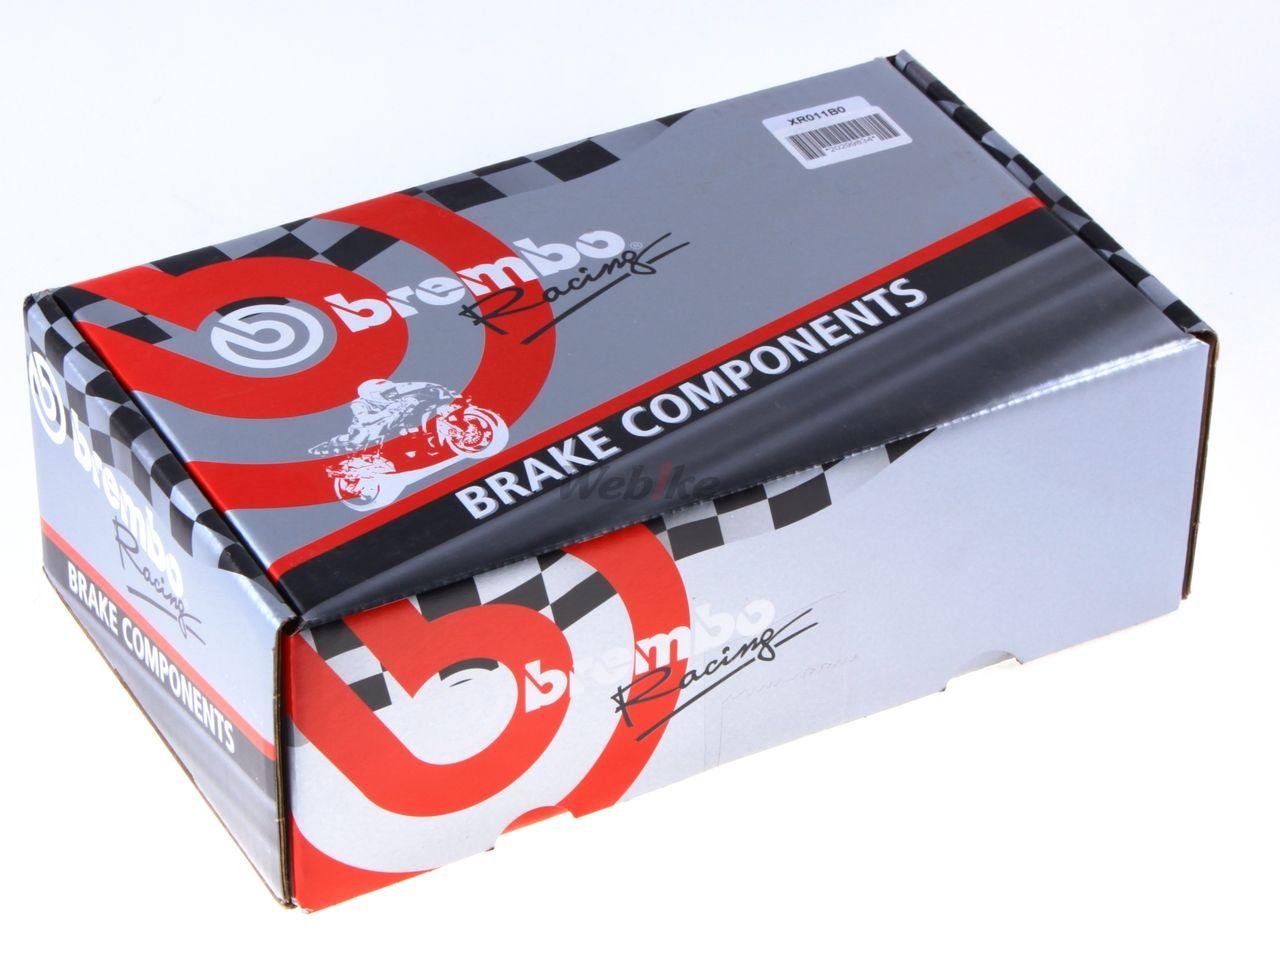 【brembo】競賽型輻射式 煞車 主缸【16×16短拉桿】 - 「Webike-摩托百貨」